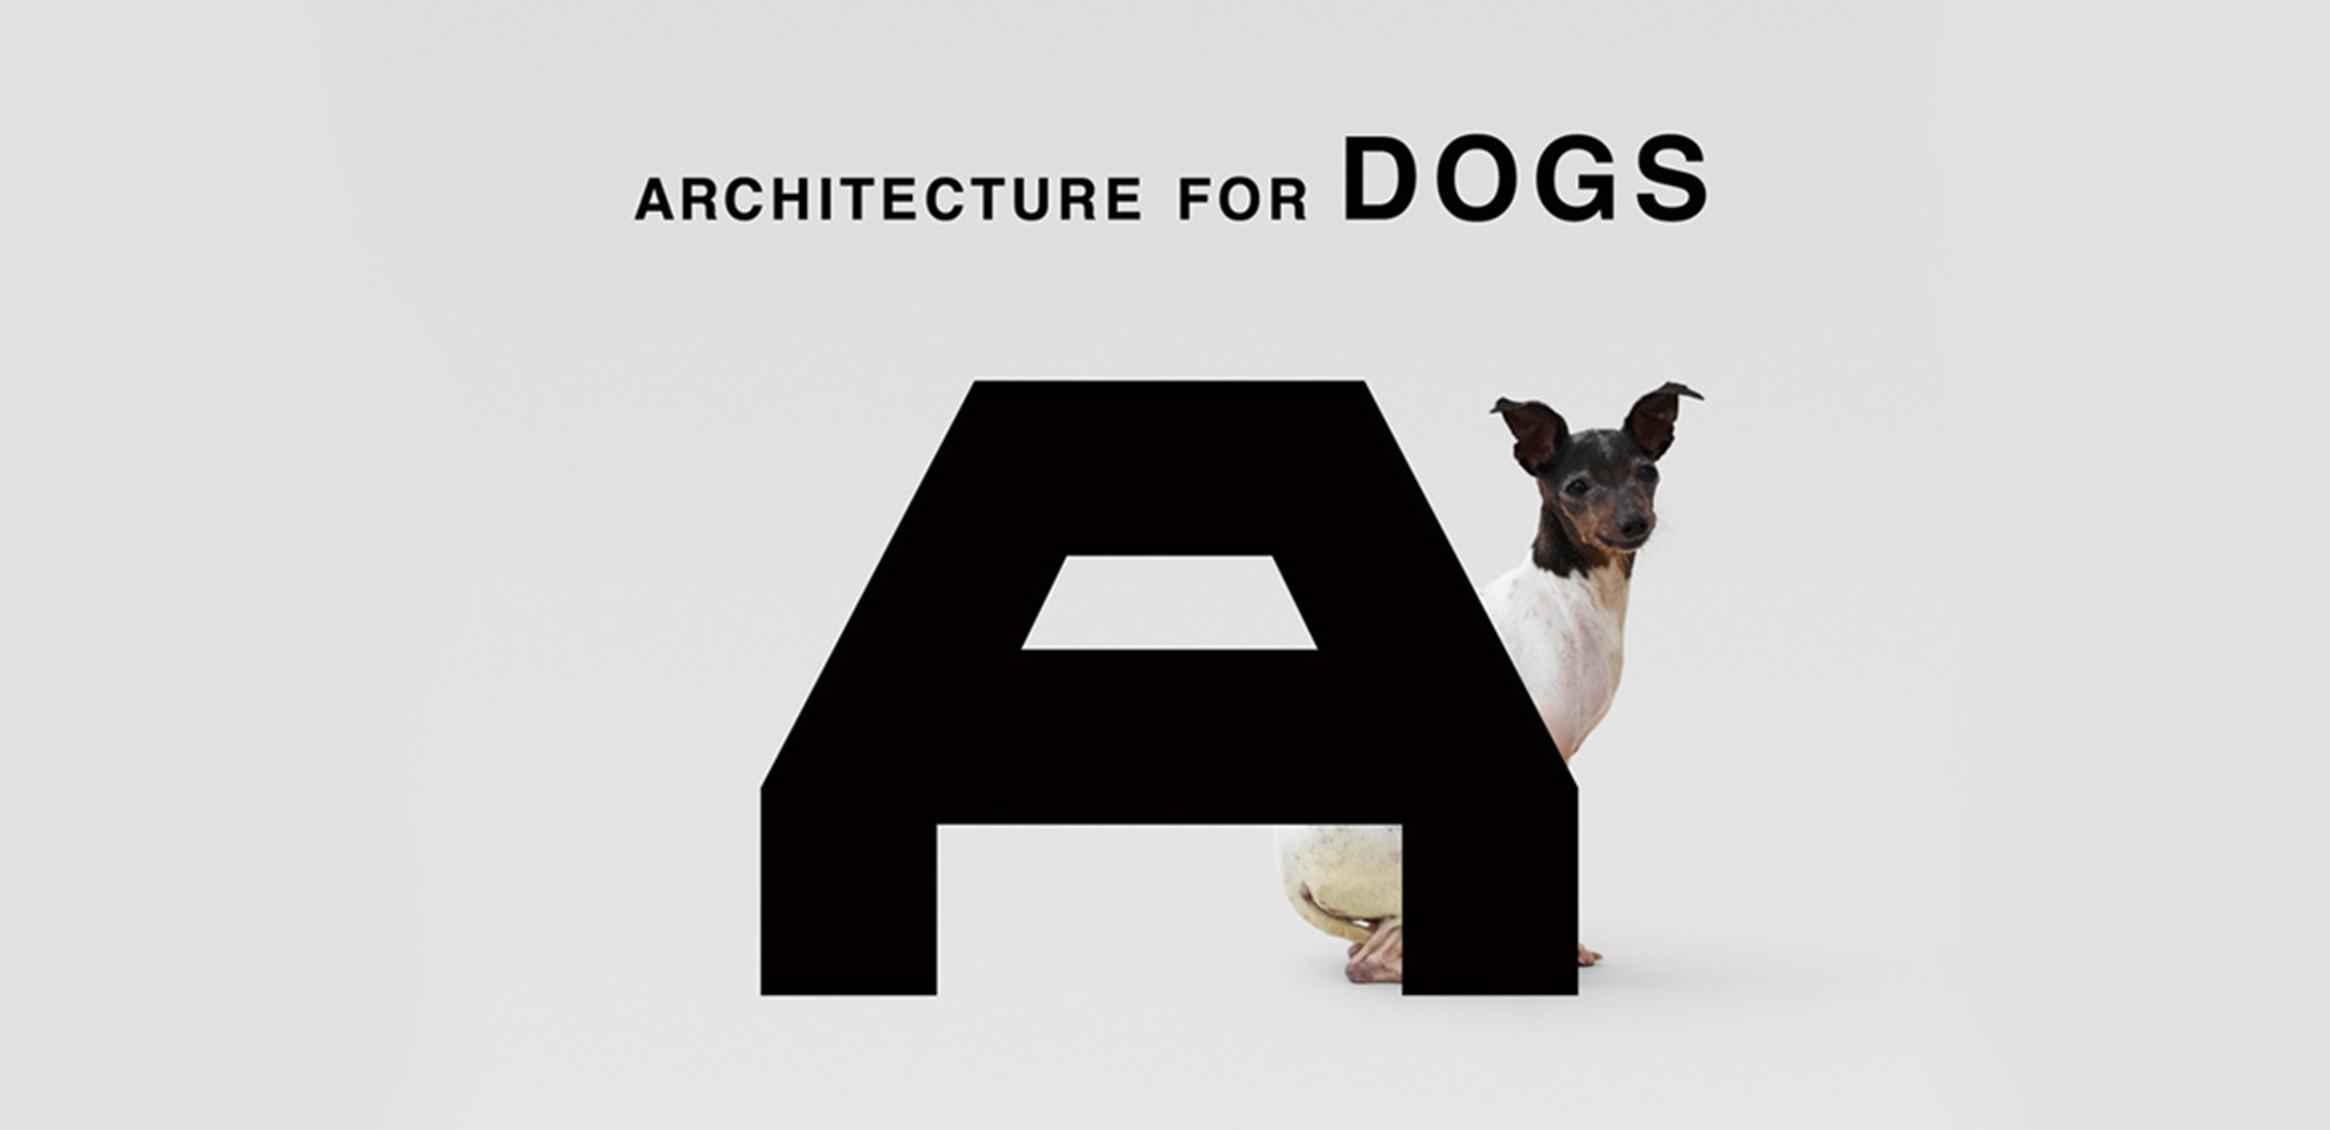 犬のための建築0枚目